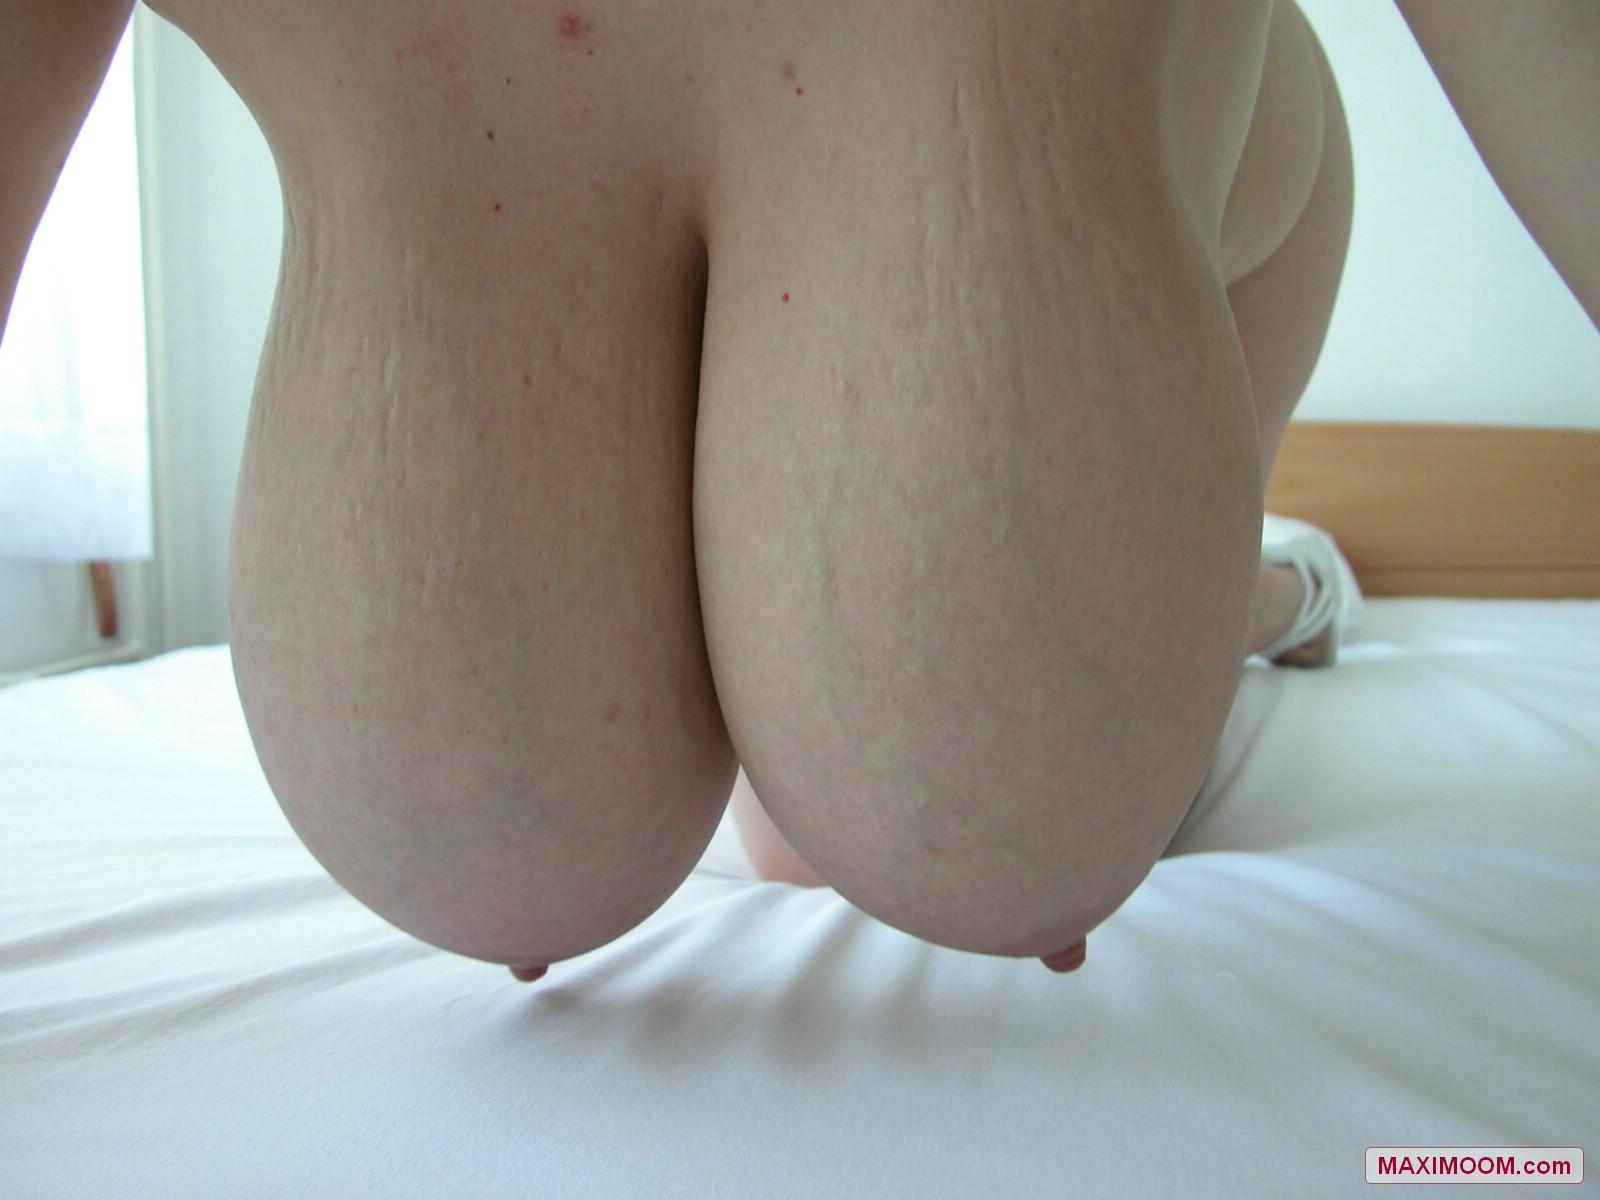 Фото раком большая грудь, Большие сиськи и огромная грудь. Порно фото и видео 10 фотография